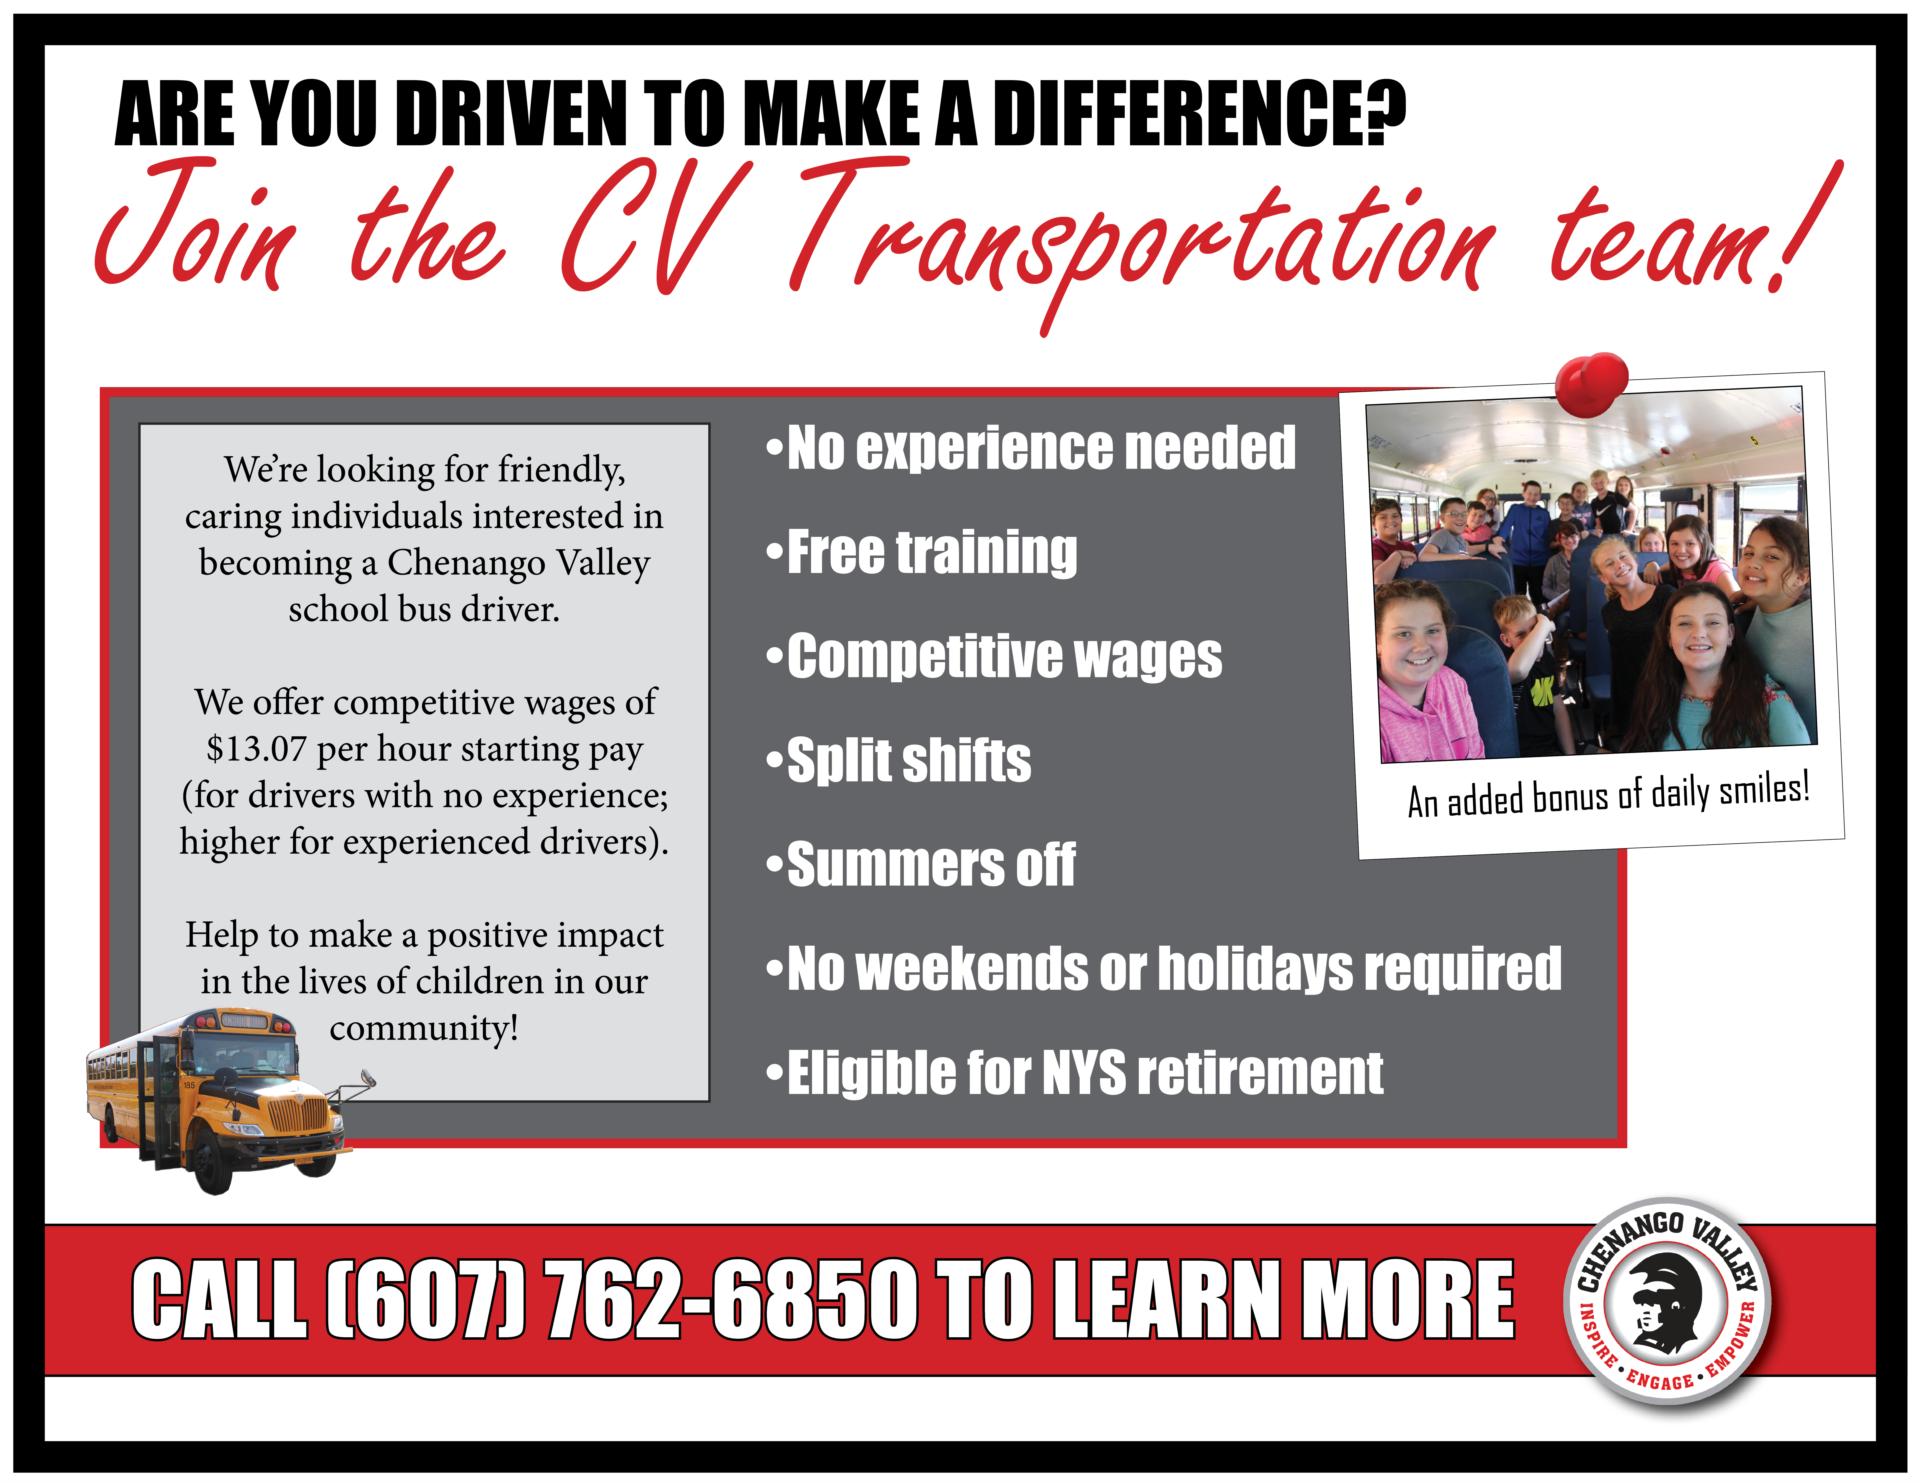 c v transportation ad